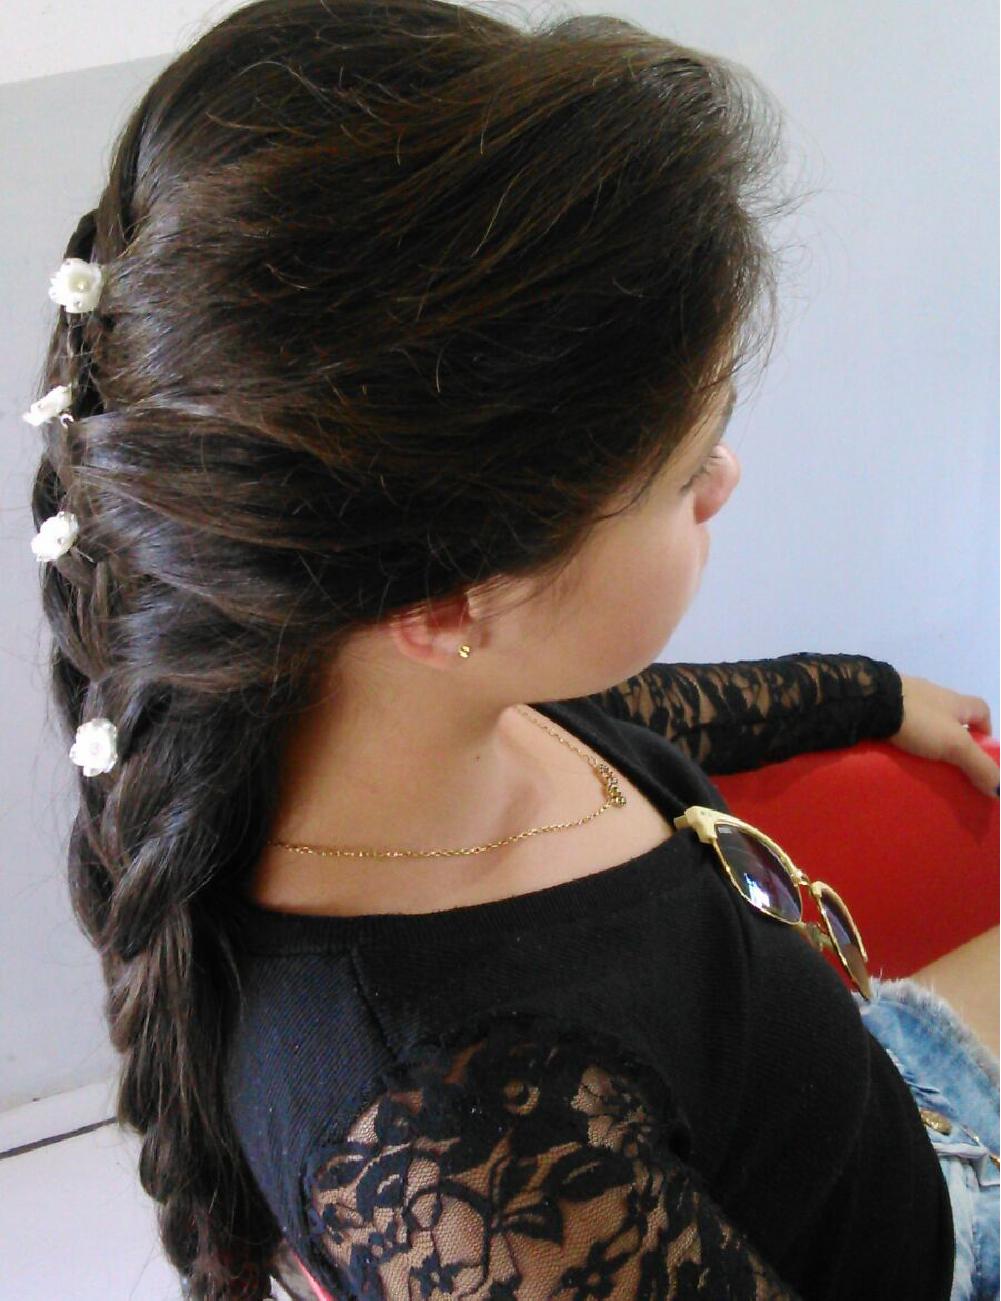 Penteado realizado no curso Penteados com Prática com Dilmar Pereira